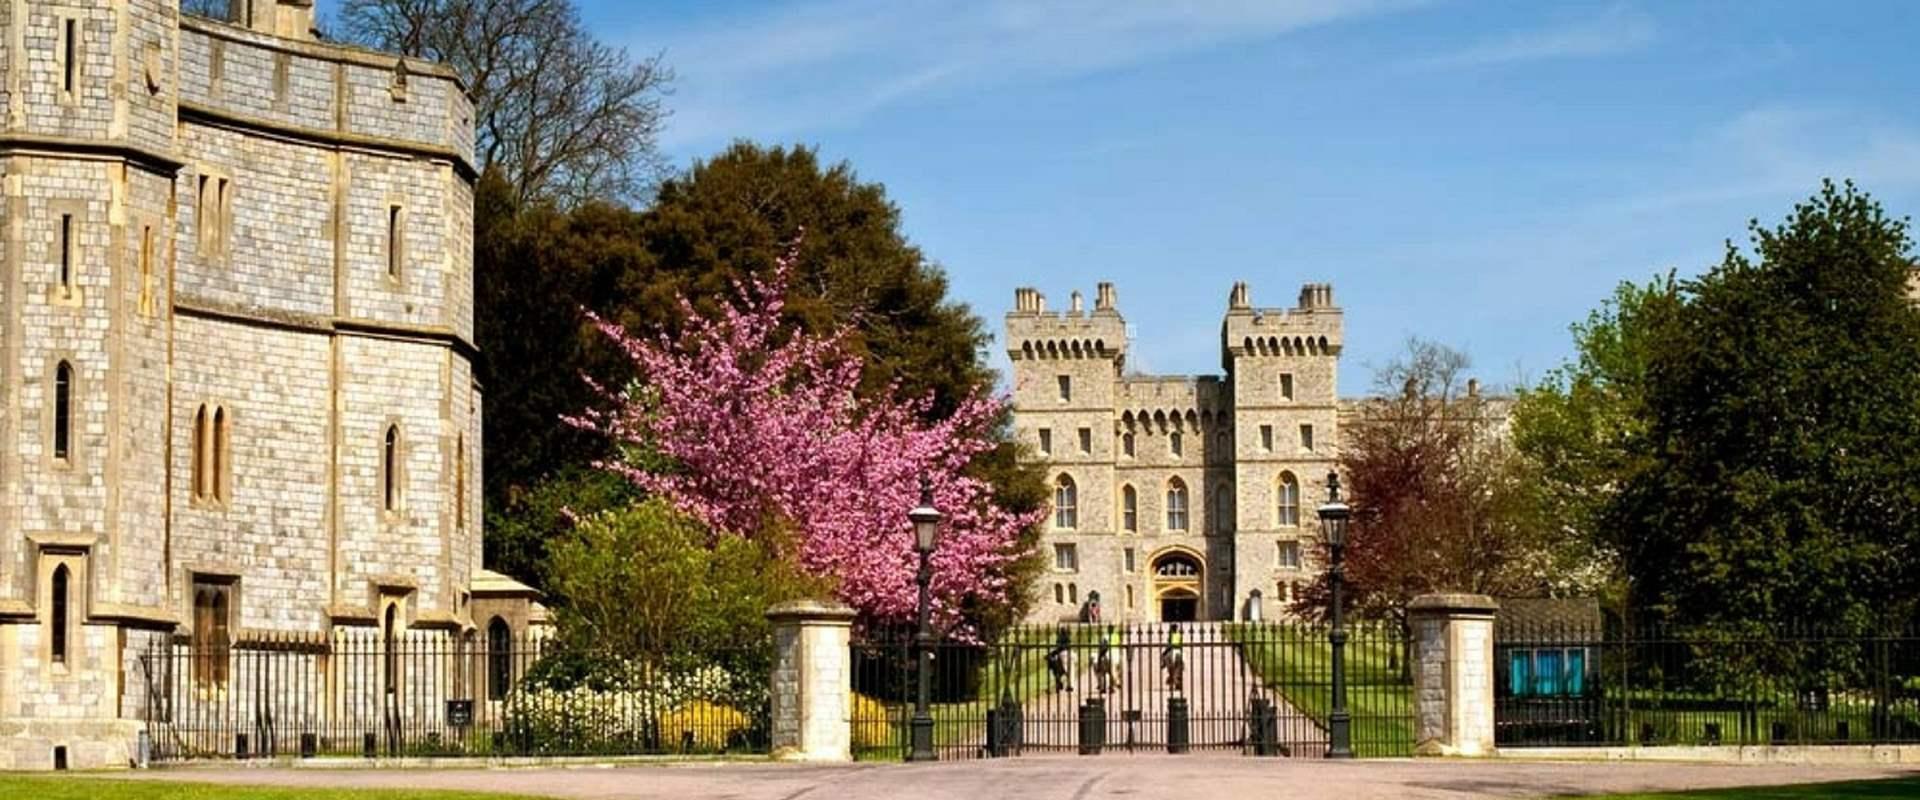 Windsor tour header